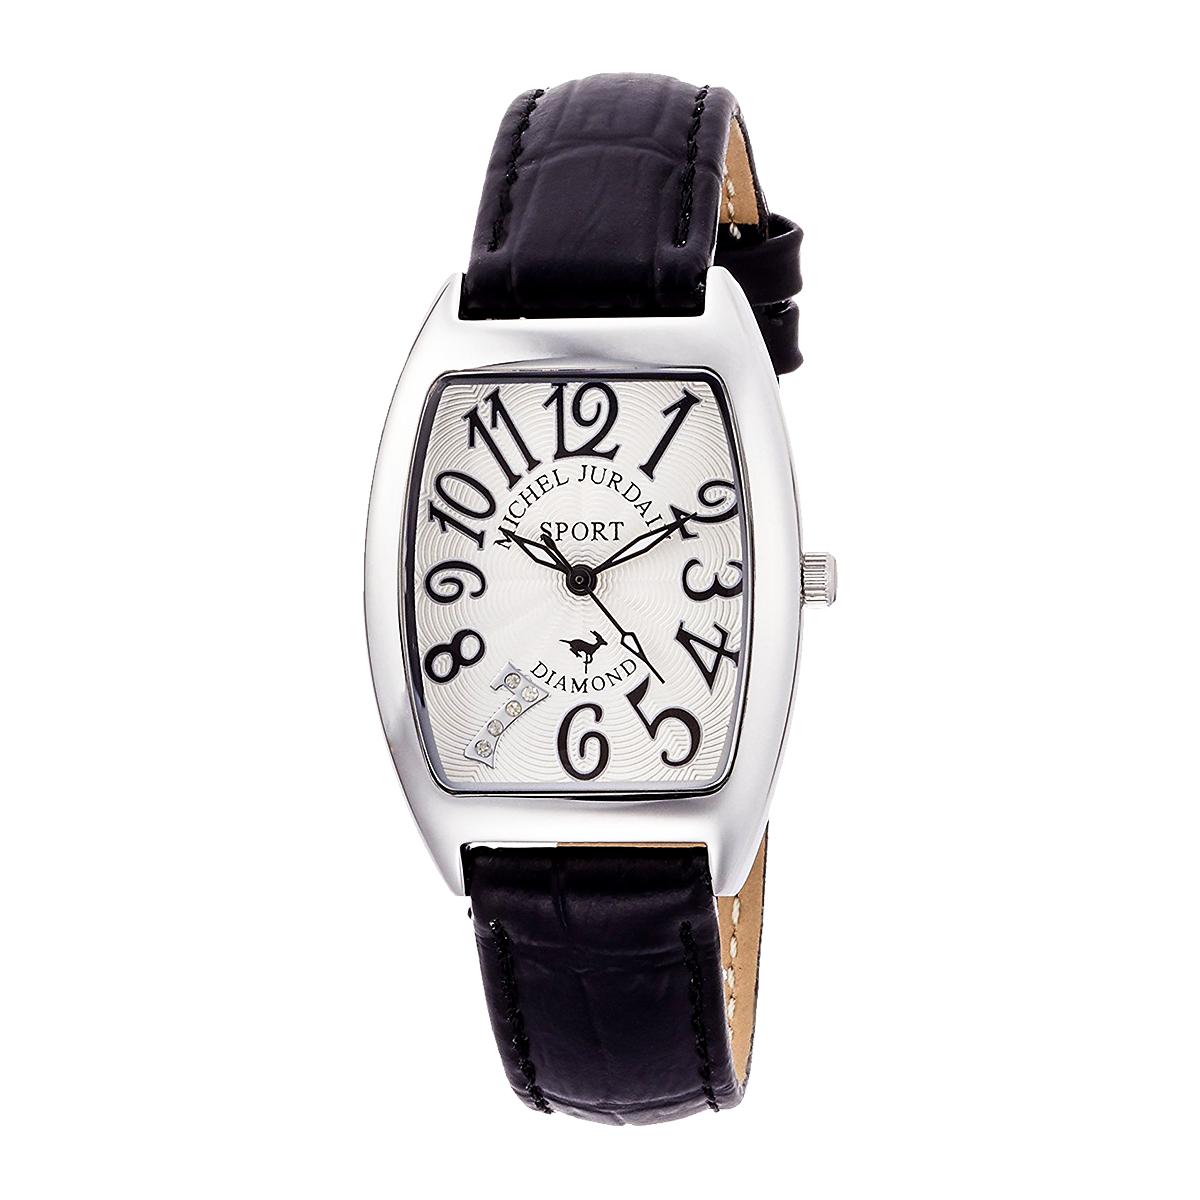 ミッシェル・ジョルダン MICHEL JURDAIN トノー型ダイヤモンド SL-1000-11 ユニセックス 時計 腕時計 クオーツ